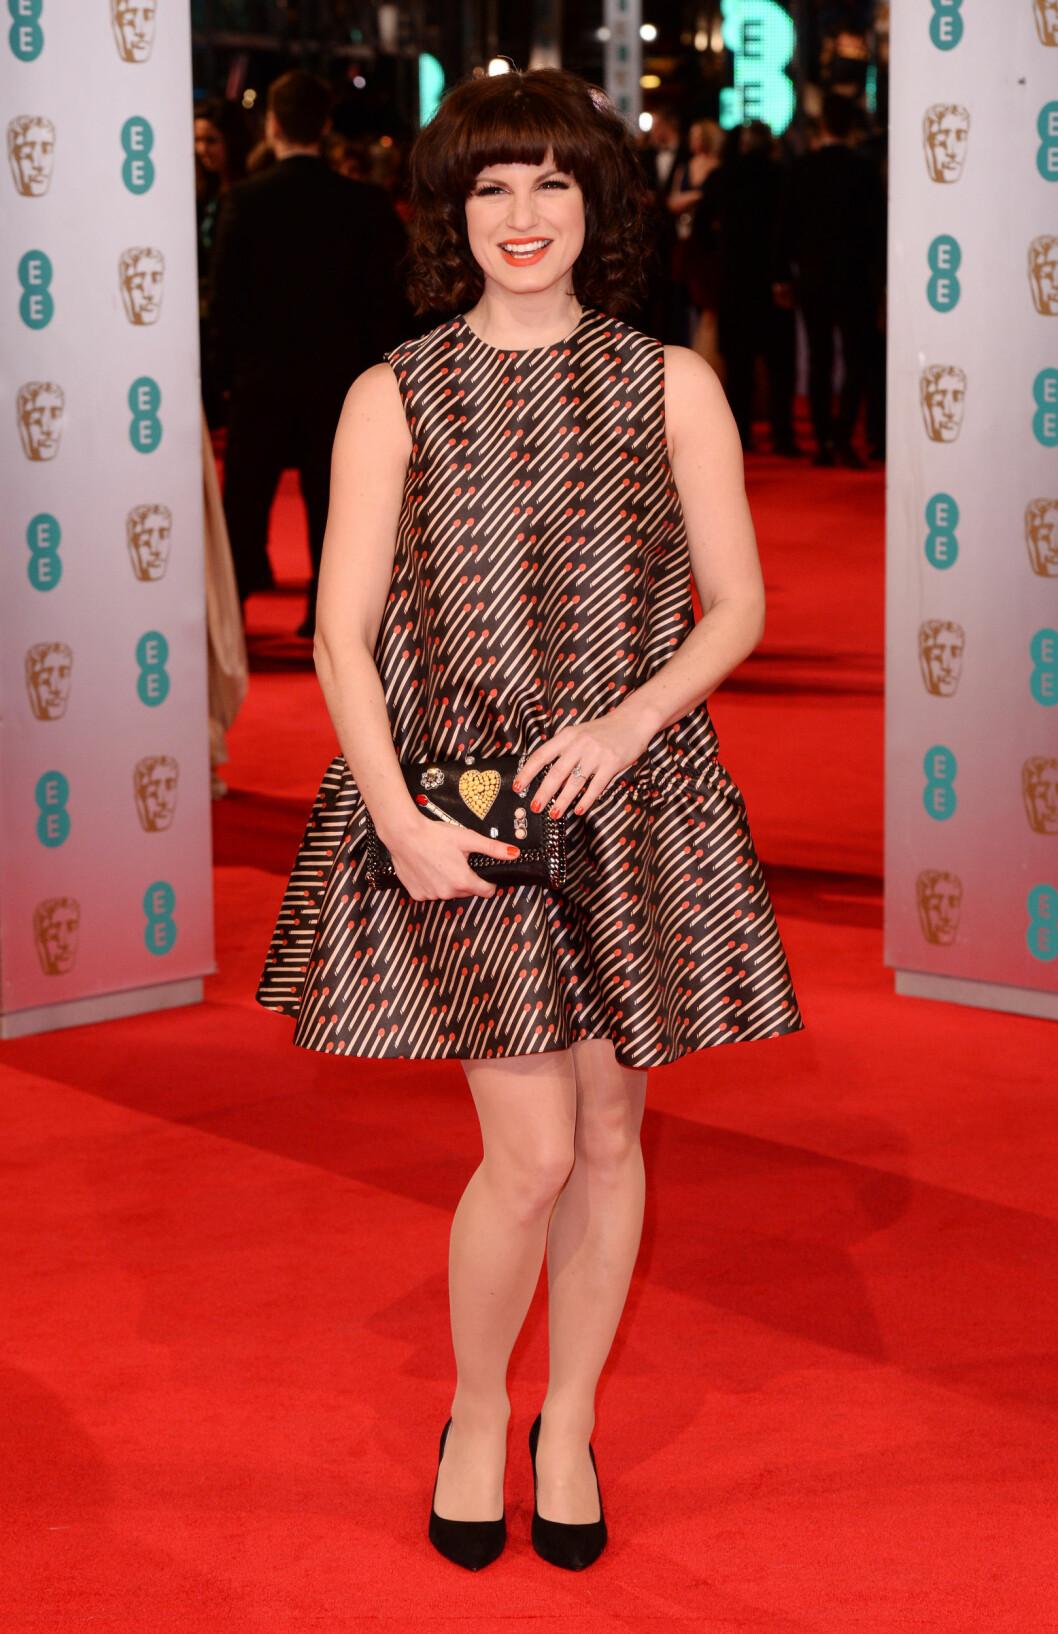 <strong>FOR SID:</strong> Skuespiller Jemima Rooper var iført en kjole fra Stella McCartney på BAFTA Awards i februar. «Mammakjole»-snittet var ikke helt heldig for den slanke stjernen, som fikk terningkast én for antrekksvalget sitt.  Foto: REX/All Over Press